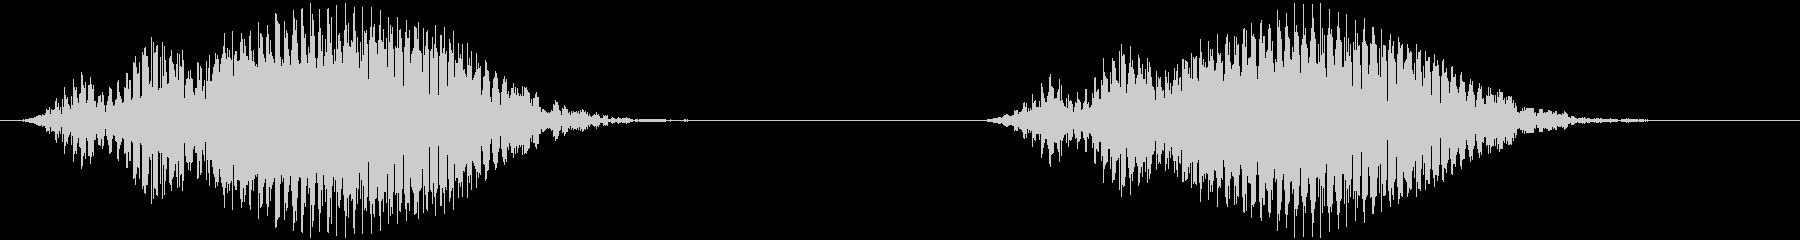 ウシガエルの鳴き声 ブブゥー×2の未再生の波形